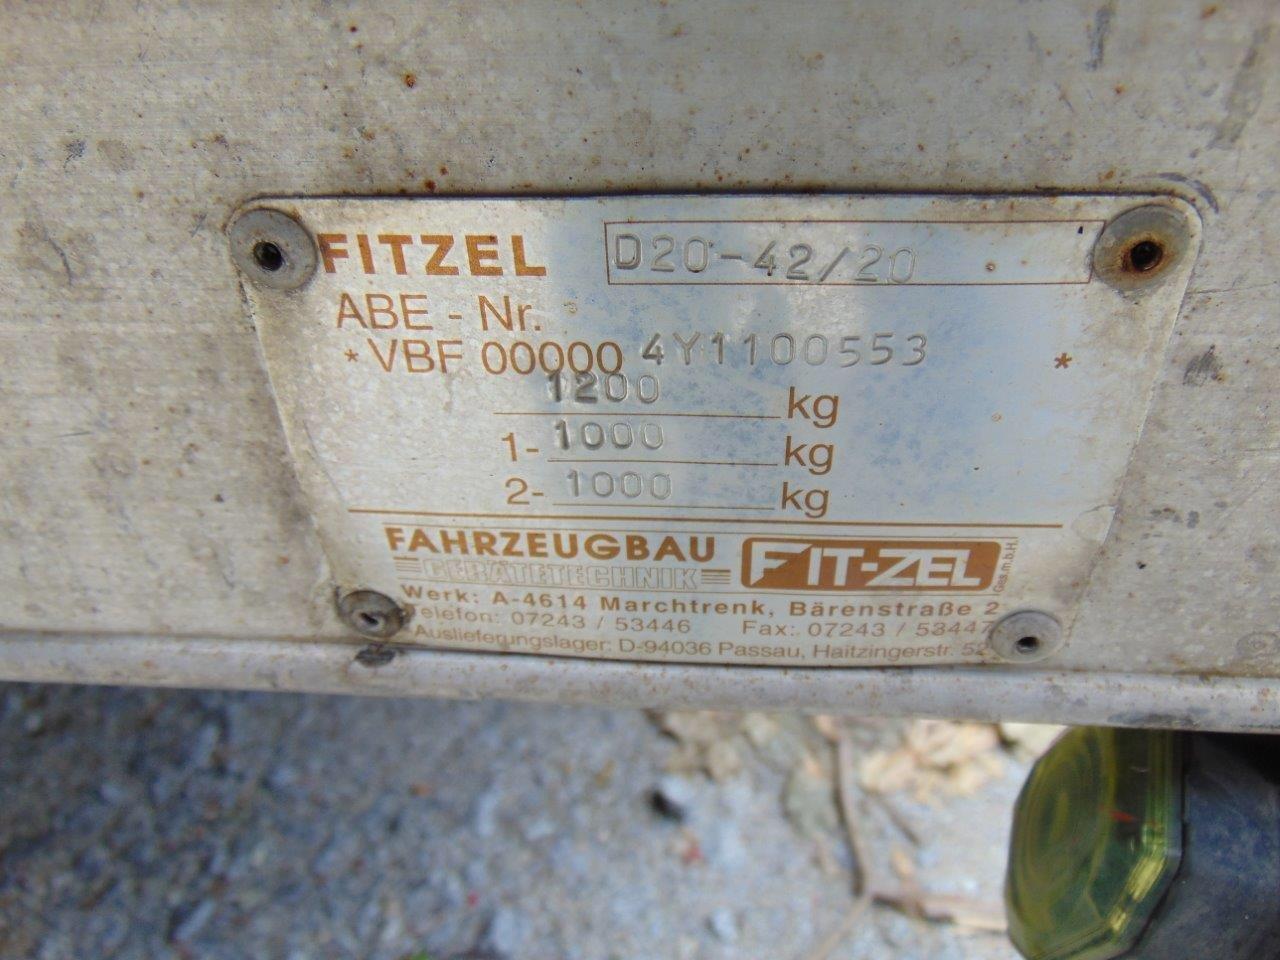 Fitzel D20-42